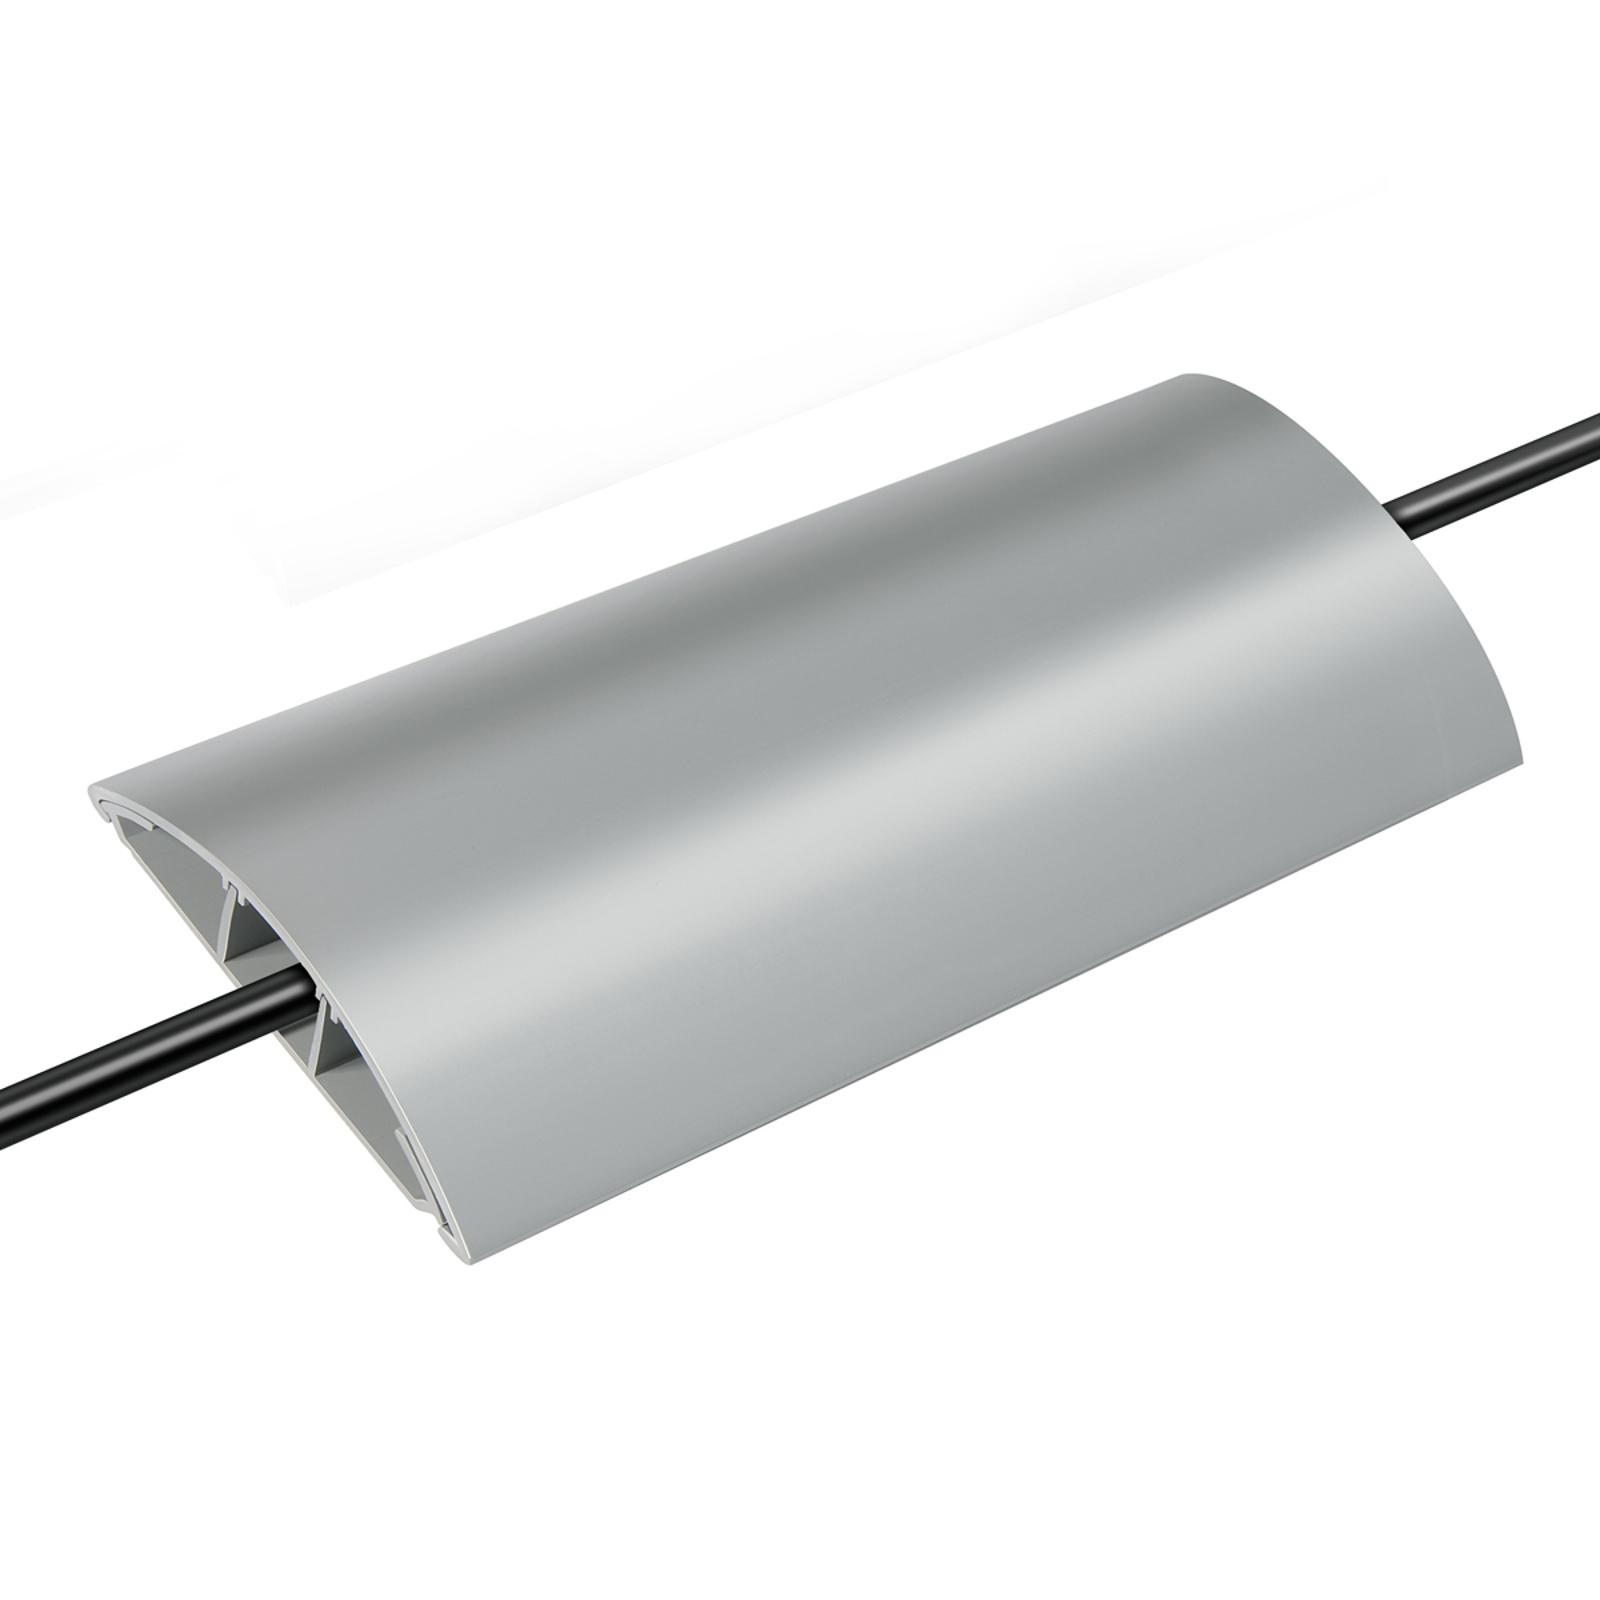 Stabil kabelkanal i pvc, tåler trinnbelasting